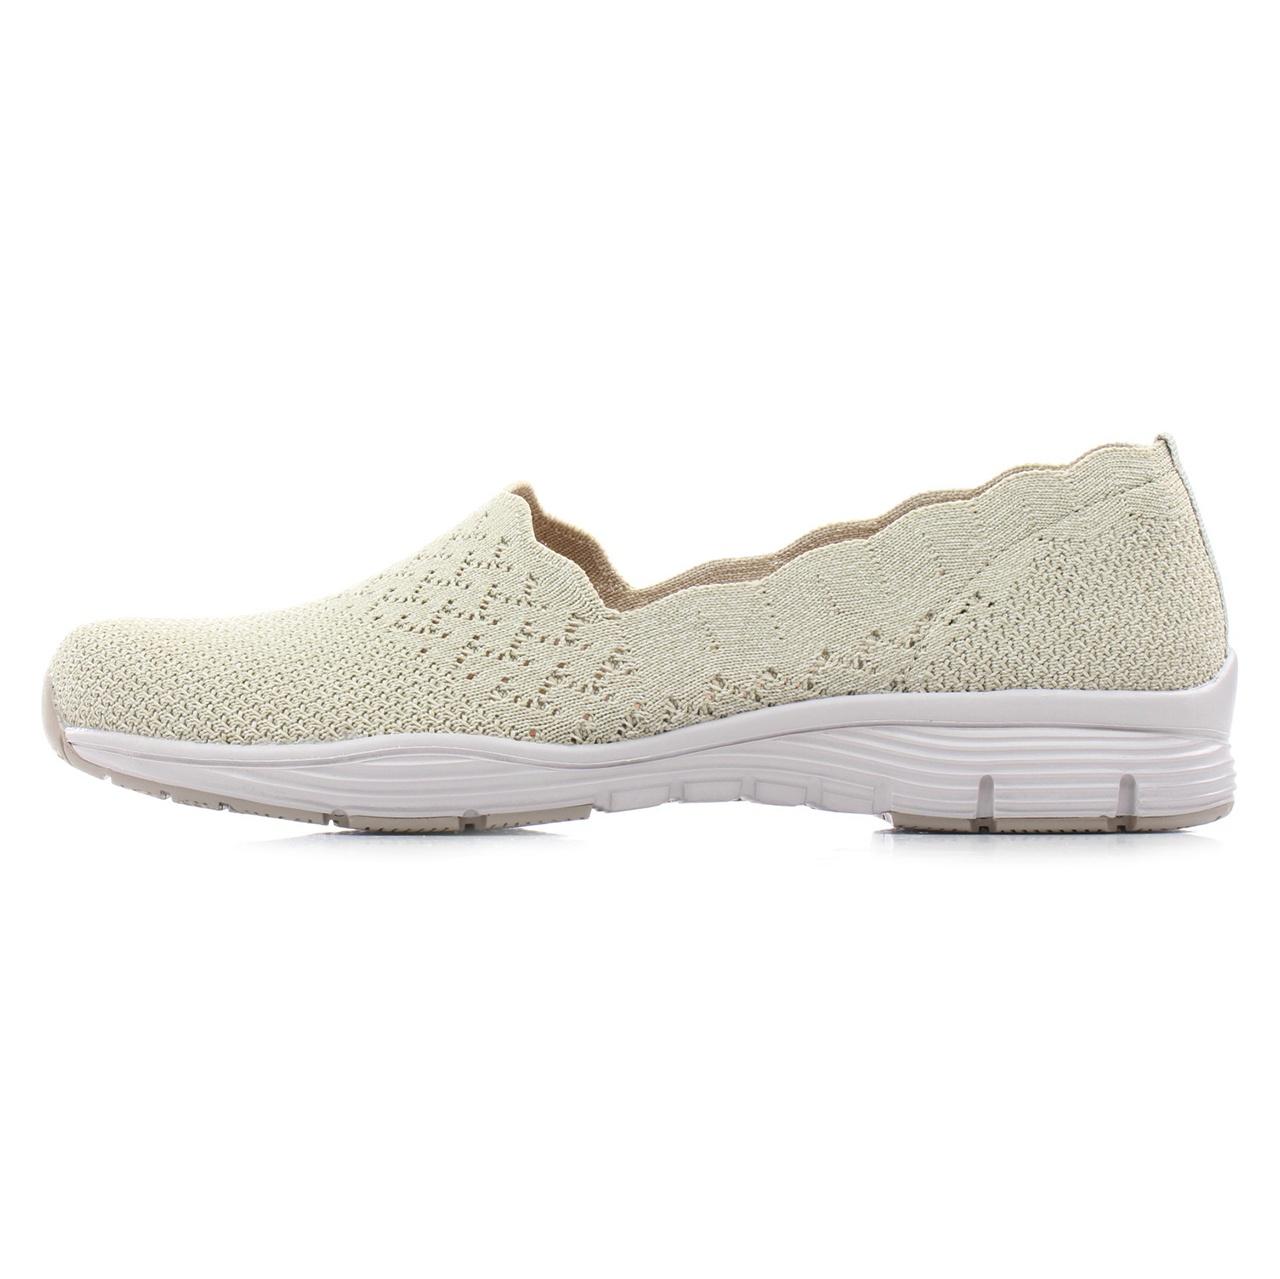 کفش مخصوص پیاده روی زنانه اسکچرز مدل MIRACLE 49481NAT